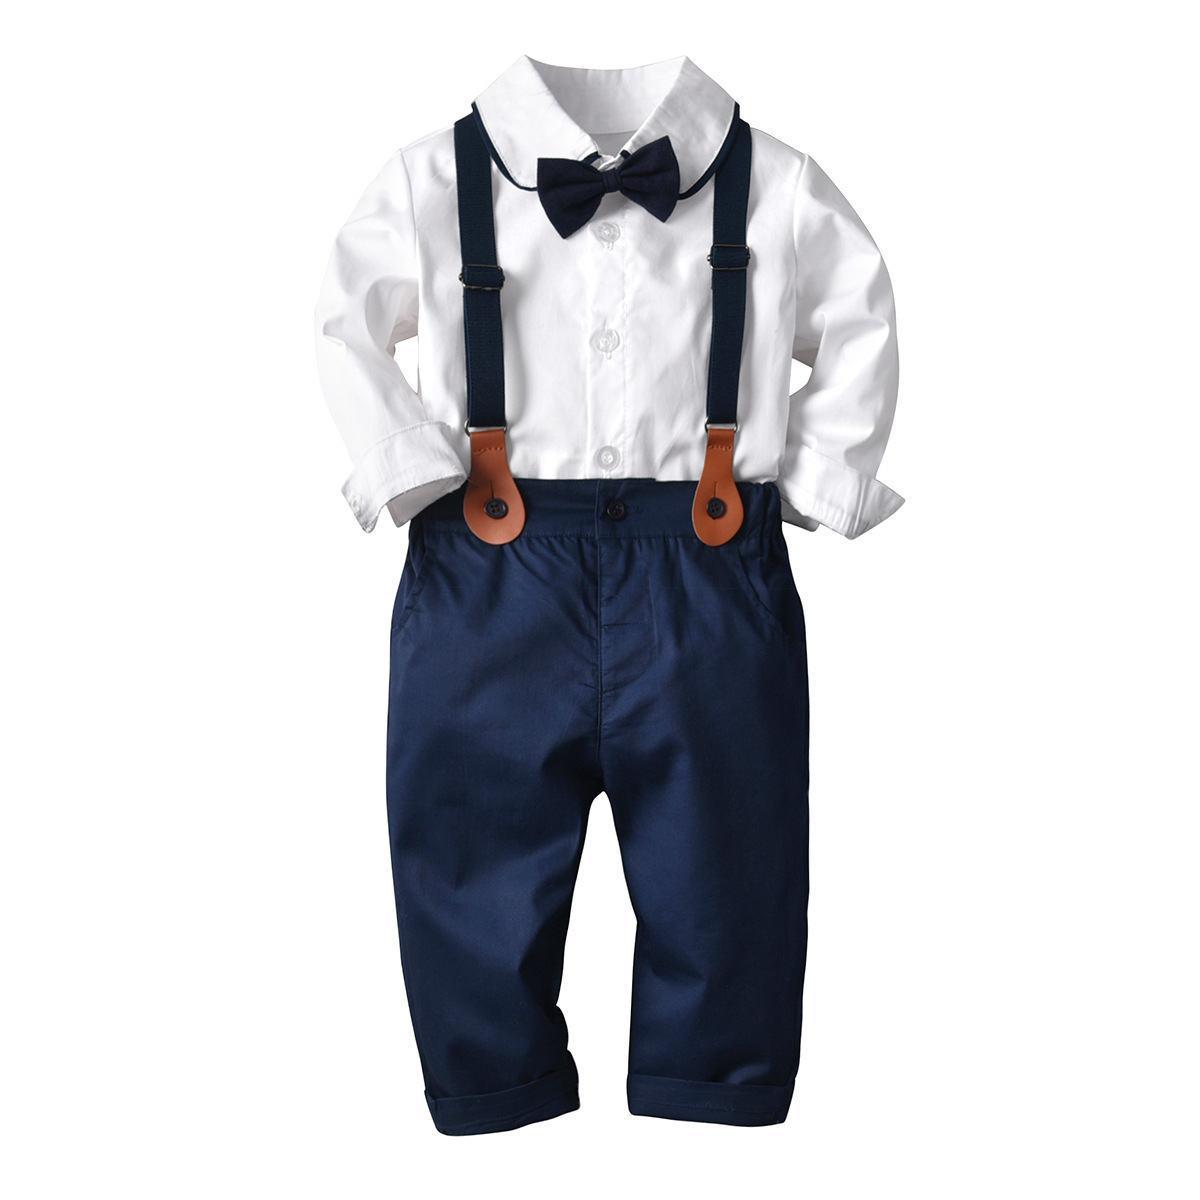 Primavera outono recém-nascido bebê menino casamento conjuntos de crianças senhores de manga comprida macacão bowtie crianças traje formal roupas roupas